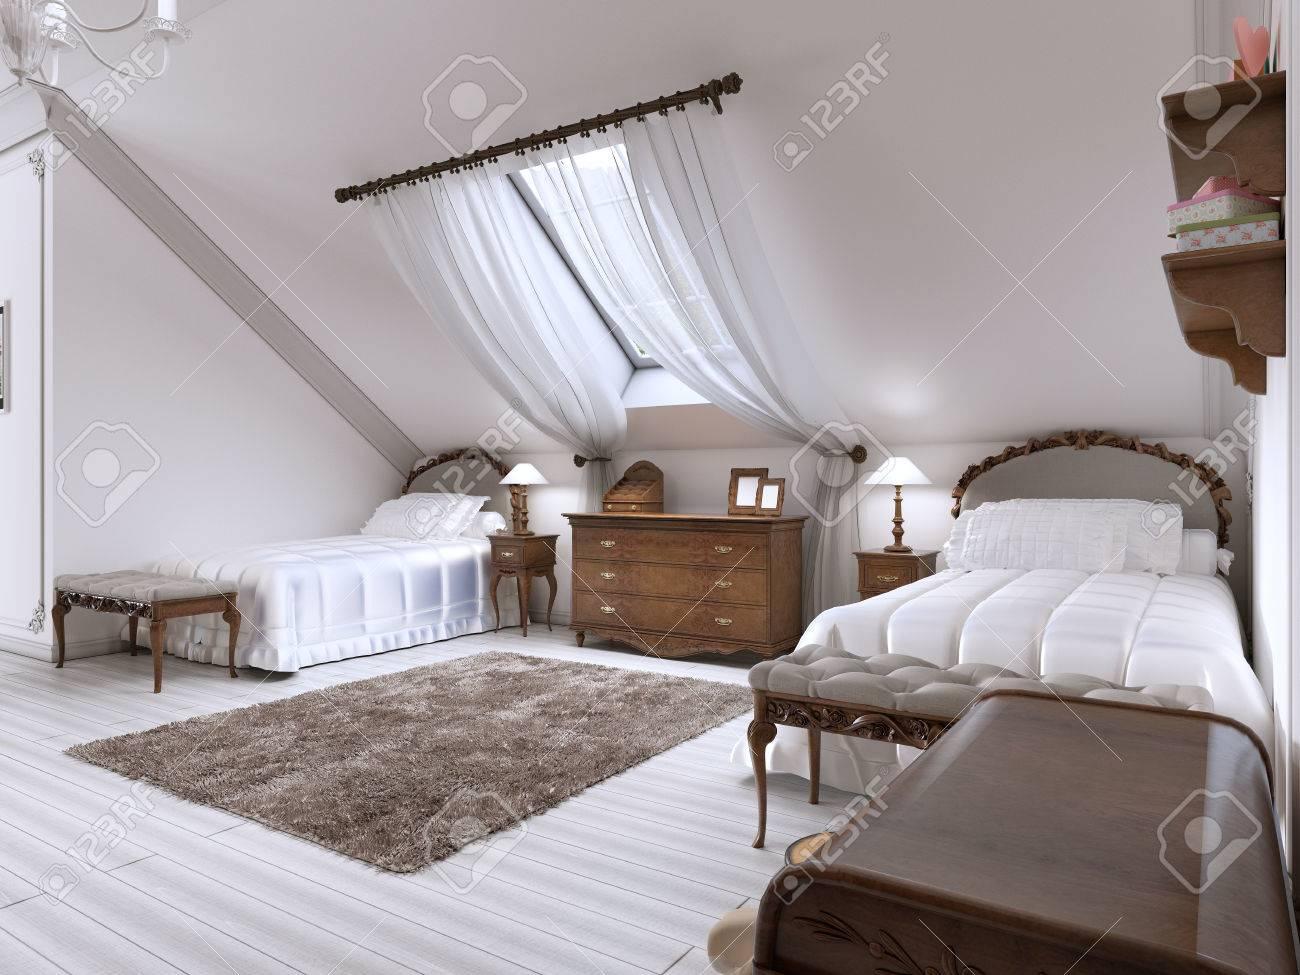 Full Size of Luxus Betten Mit Zwei Und Ein Dachfenster Holz Braun 100x200 Dico Wohnwert Bettkasten Ottoversand Sofa Schramm 90x200 Landhausstil Amazon 180x200 120x200 Bett Luxus Betten